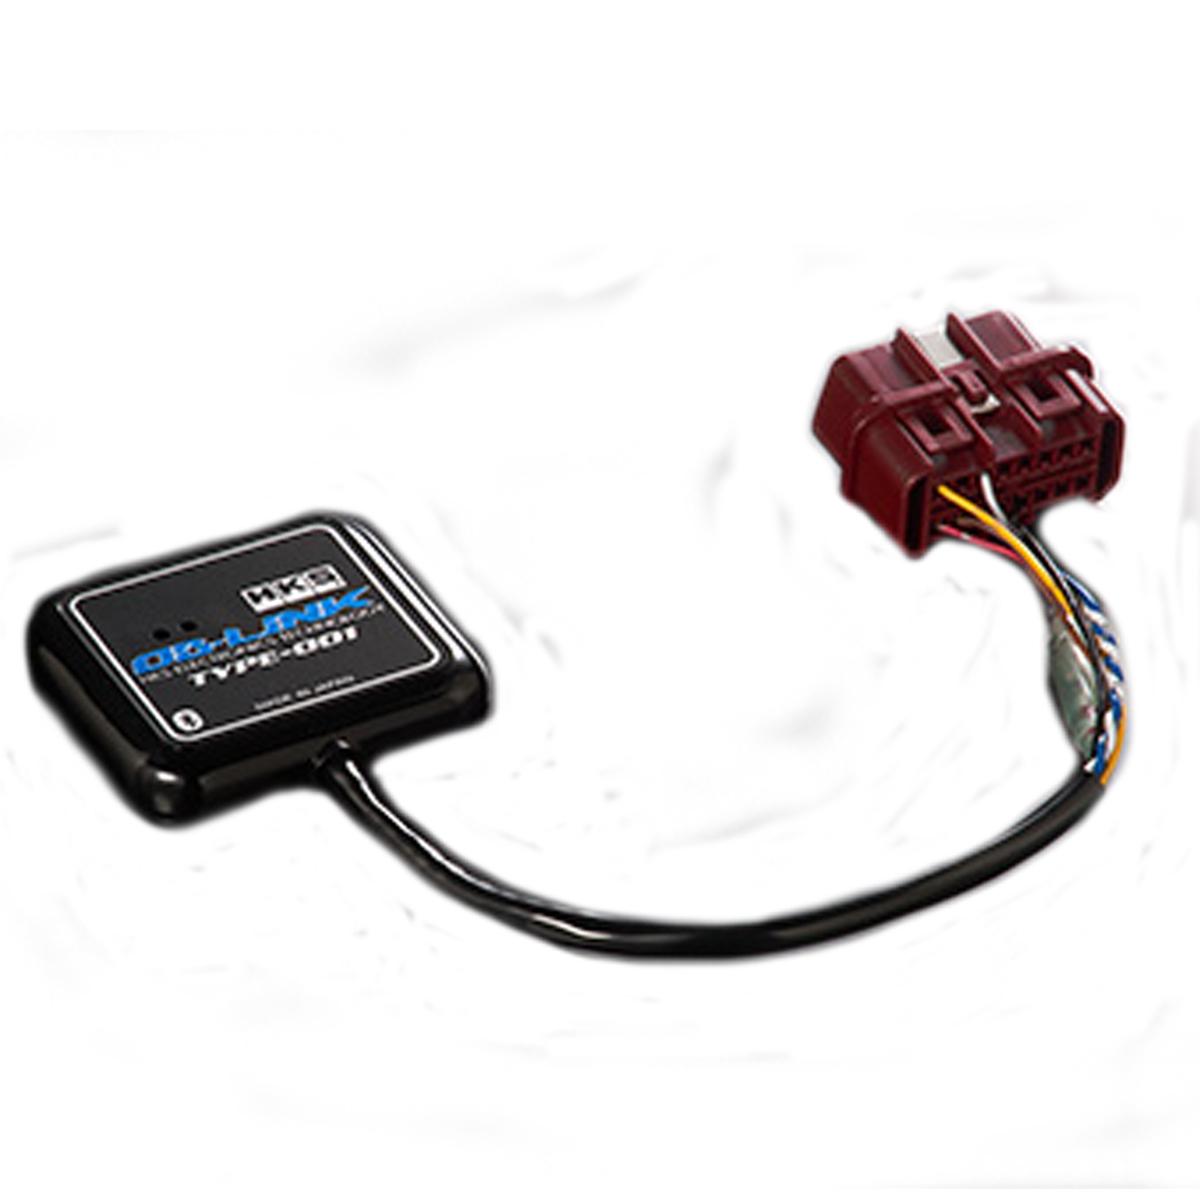 ランエボ ランサーエボリューションVIII MR モニター OBリンク タイプ 001 CT9A HKS 44009-AK002 エレクトリニクス 個人宅発送追金有